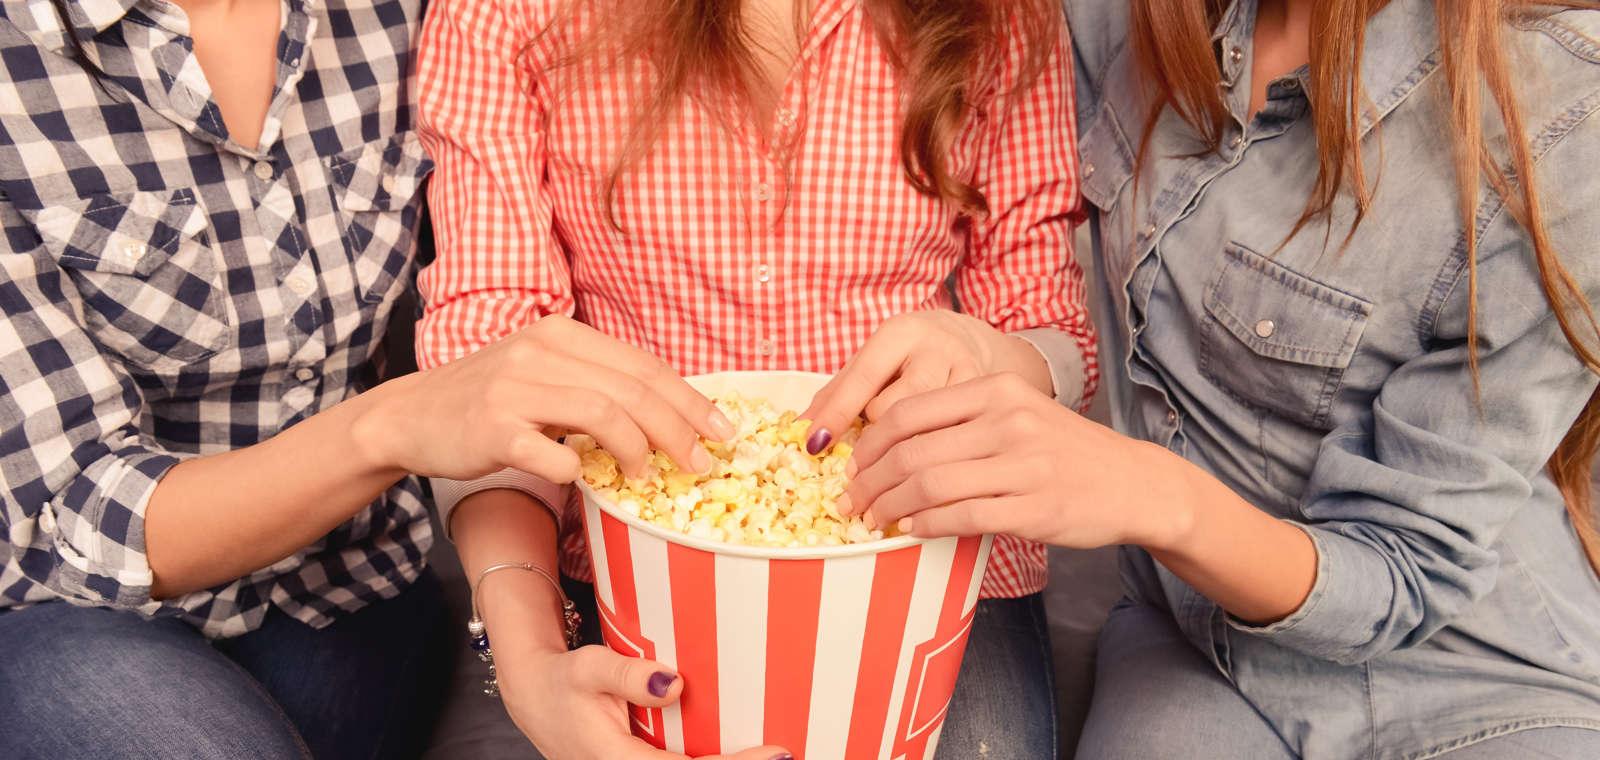 Movie Night Stock